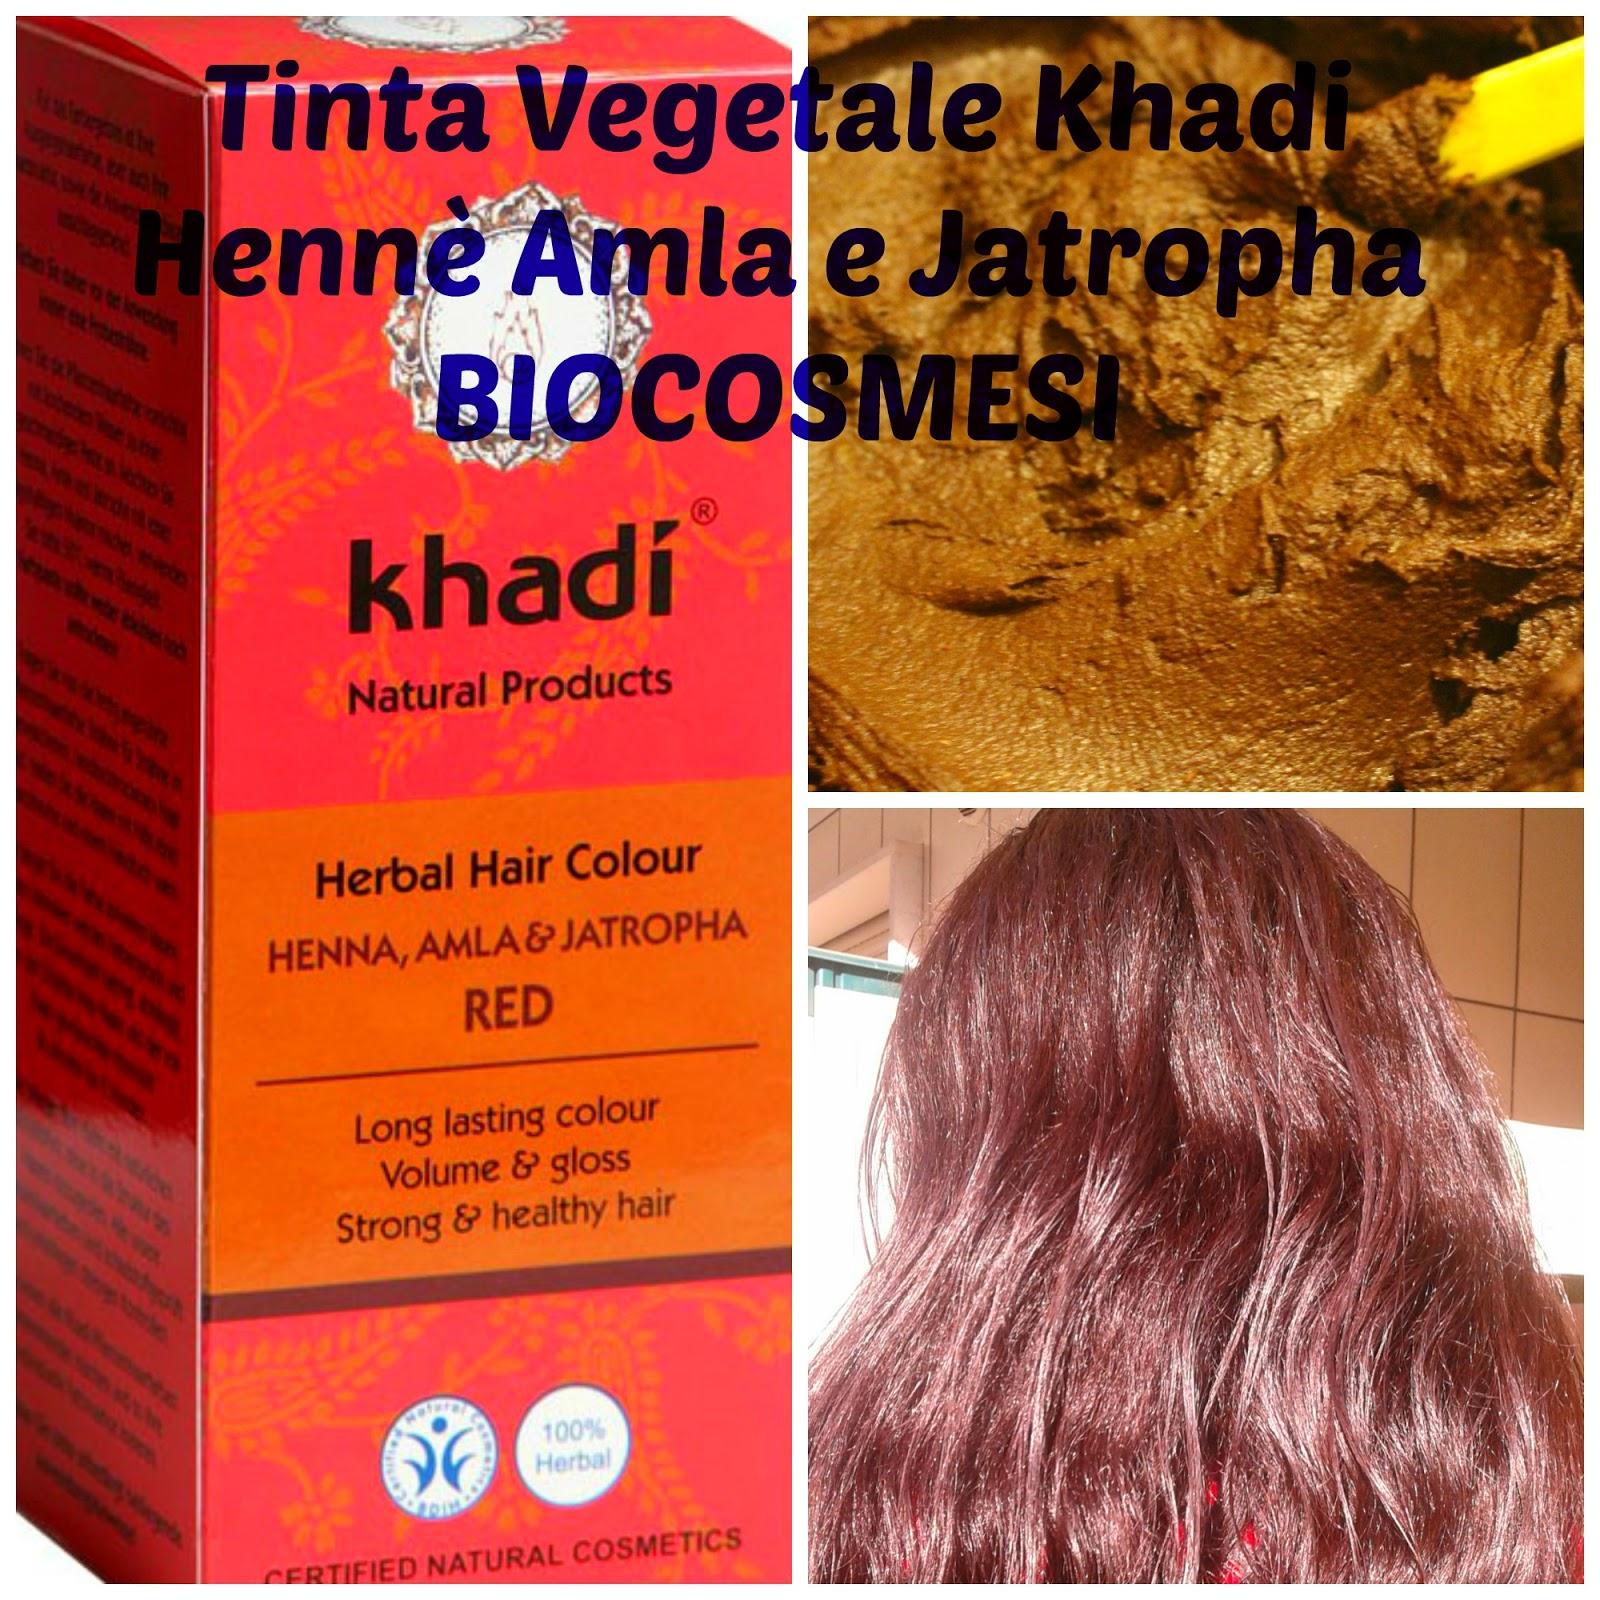 Tinta vegetale Khadi Hennè amla e jatropha ff5ba7adc59c